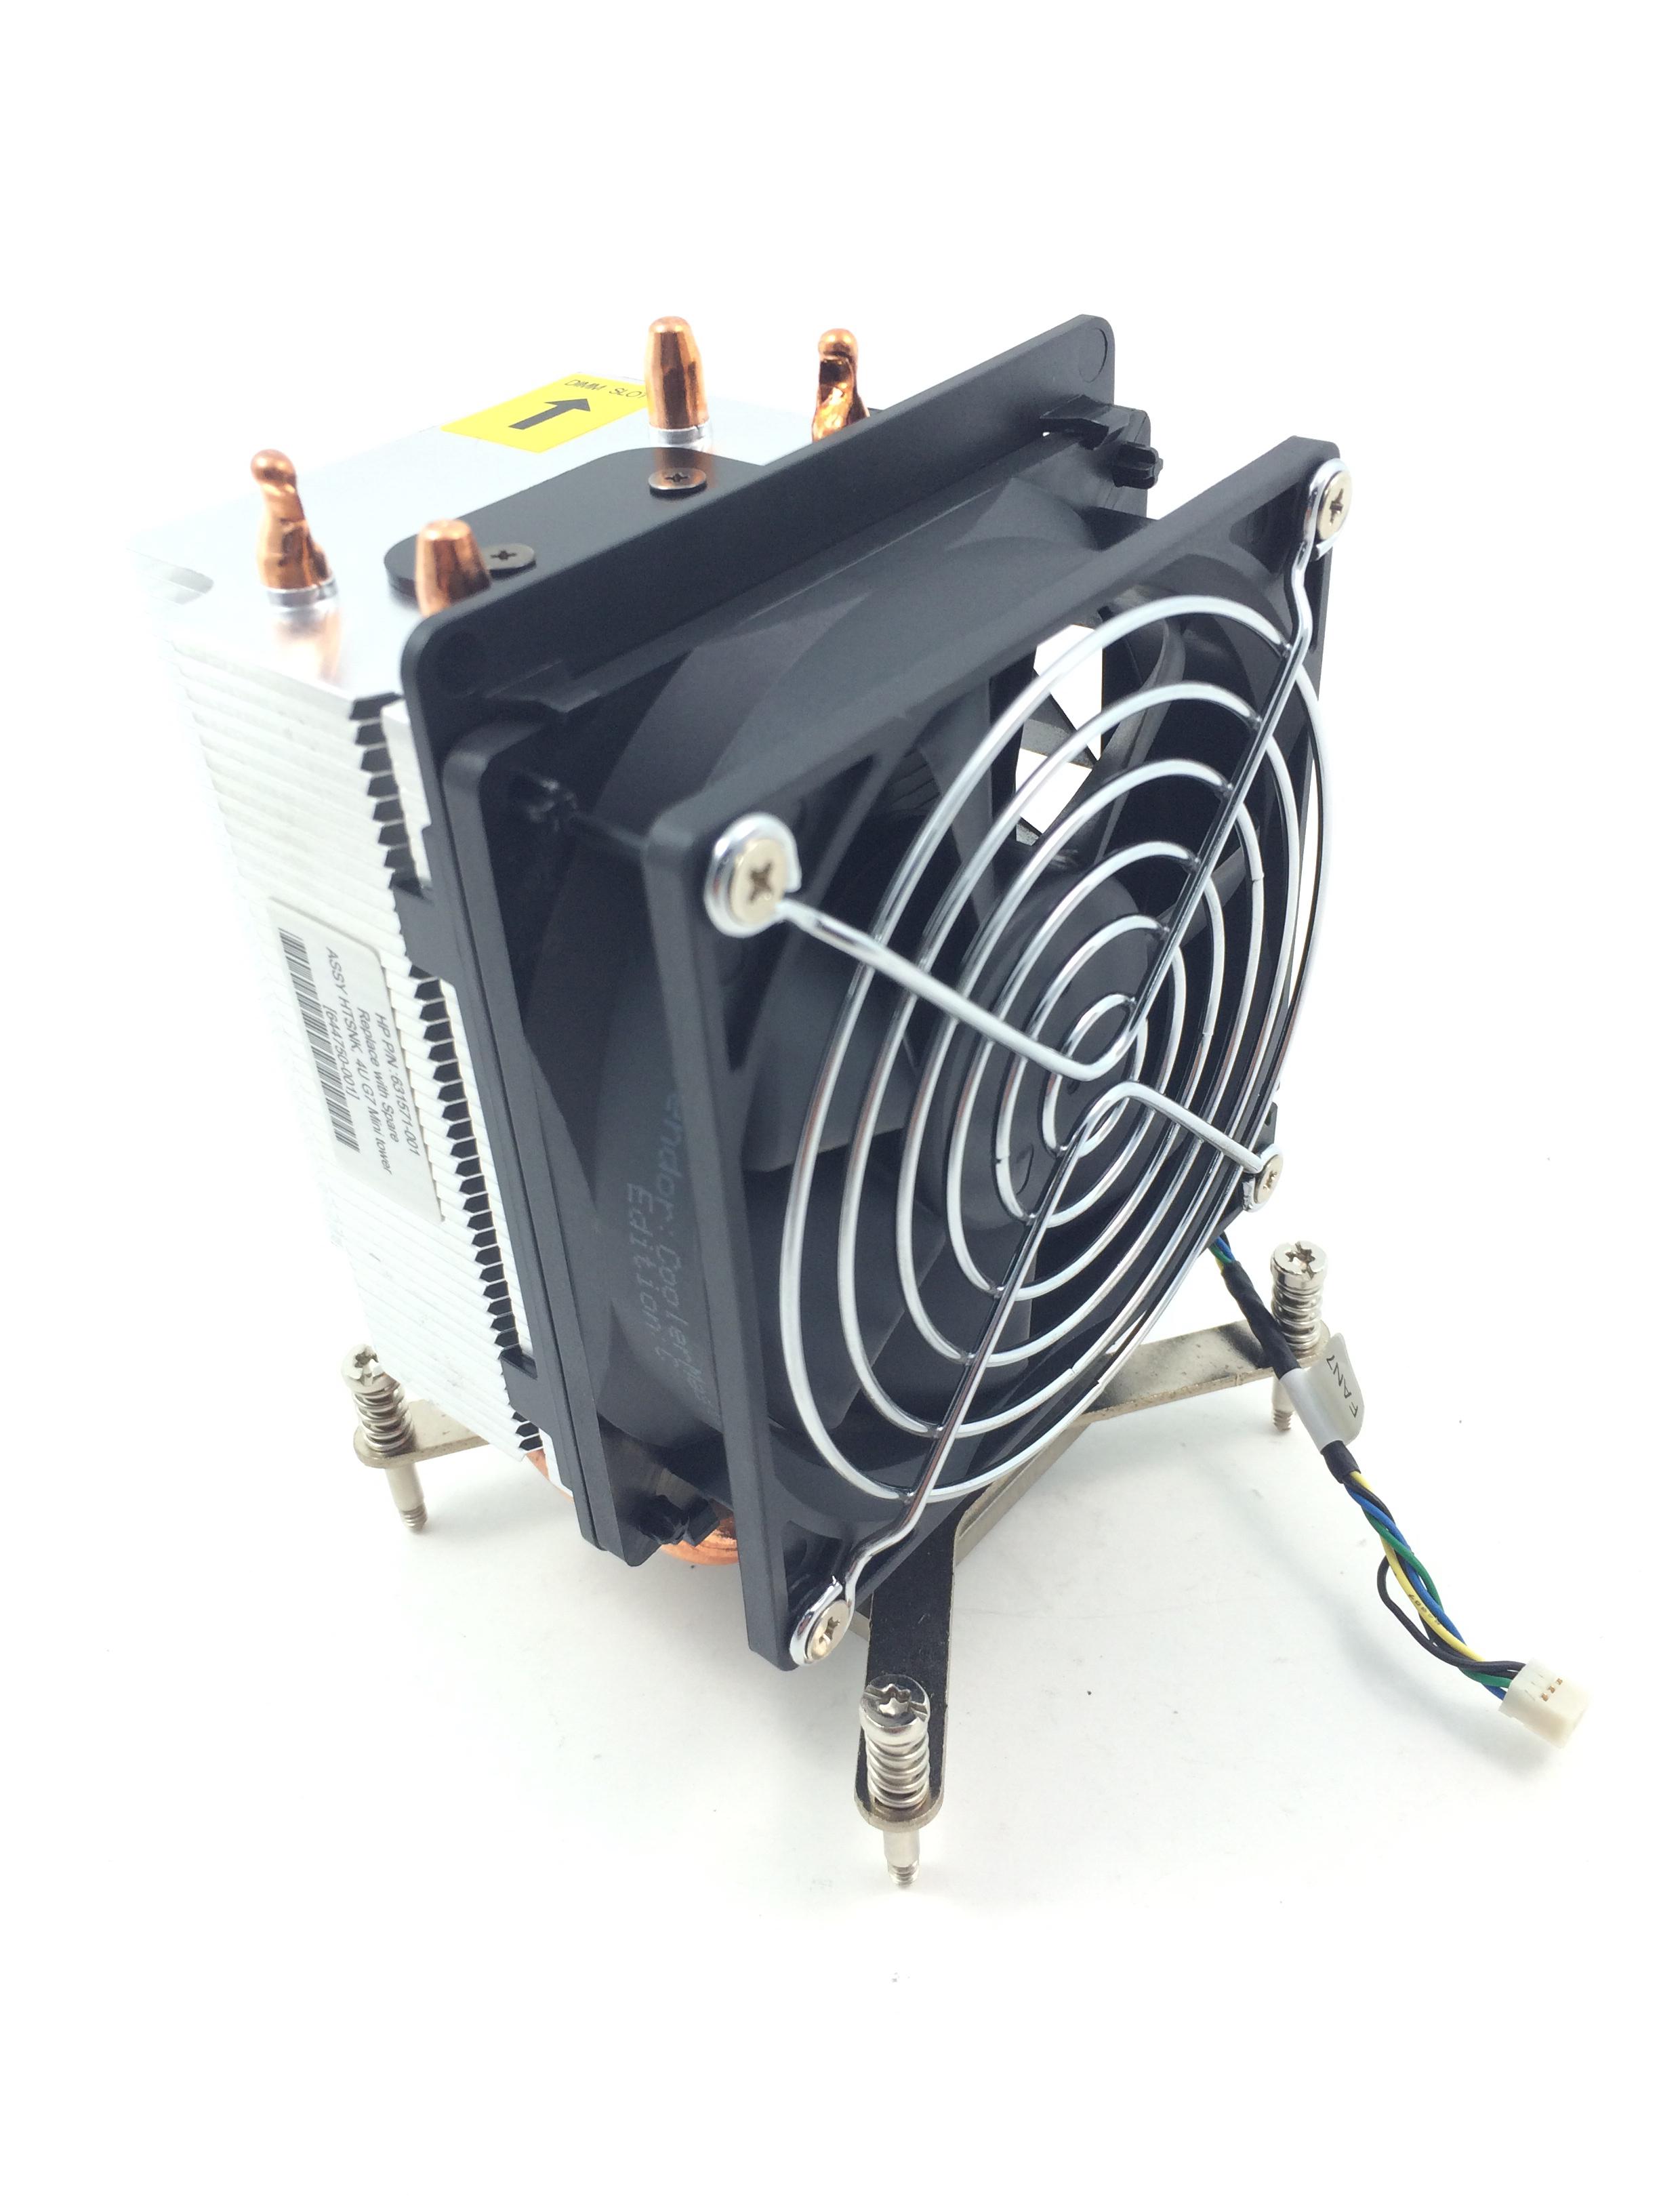 HP ML110 G7 Mini Tower Heatsink w/ Fan (644750-001)